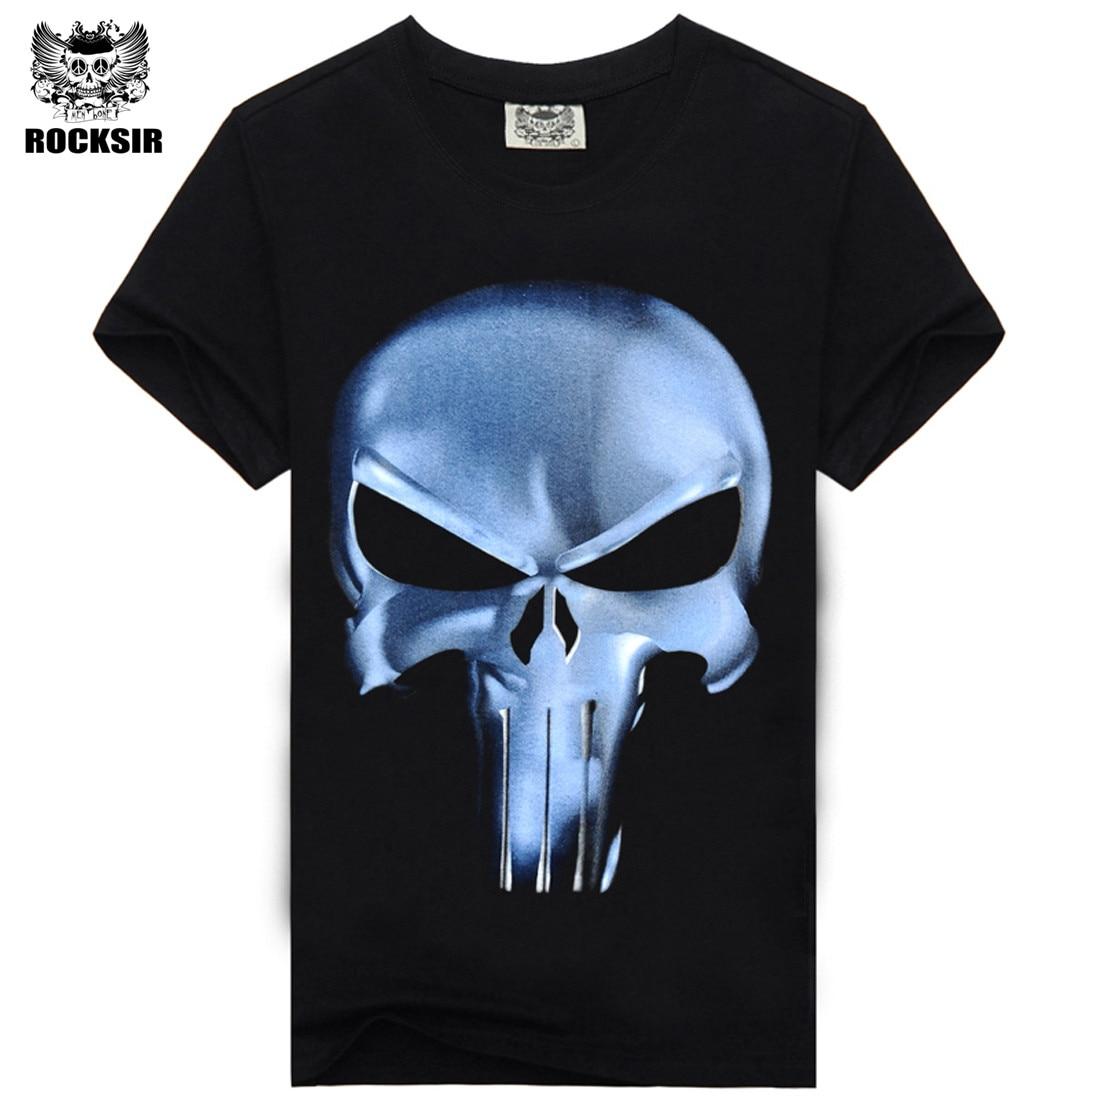 Rocksir punisher t-skjorter for menn t-skjorte Bomullsmote merke - Herreklær - Bilde 4